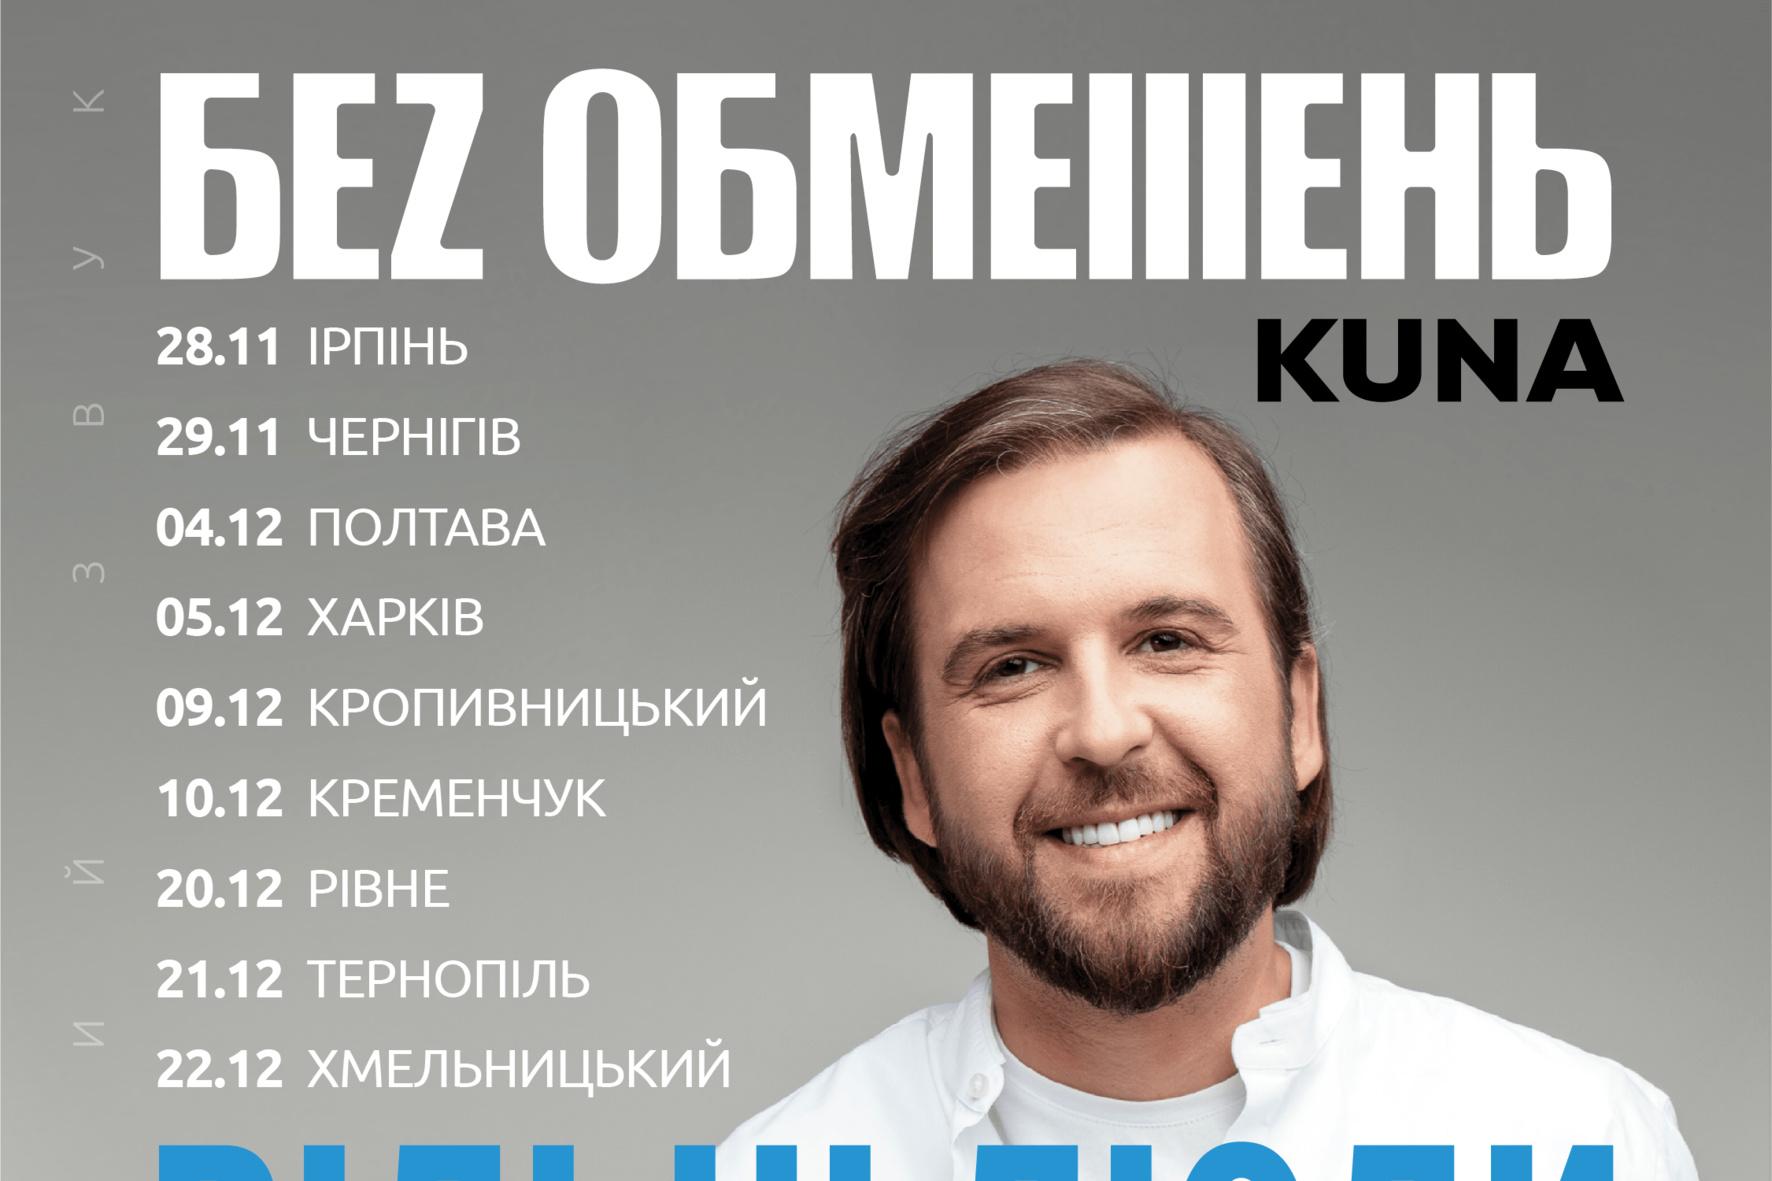 ВІЛЬНІ ЛЮДИ БЕZ ОБМЕЖЕНЬ: Всеукраїнський тур у підтримку нового альбому, що охопить 100 міст і завершиться на НСК Олімпійський